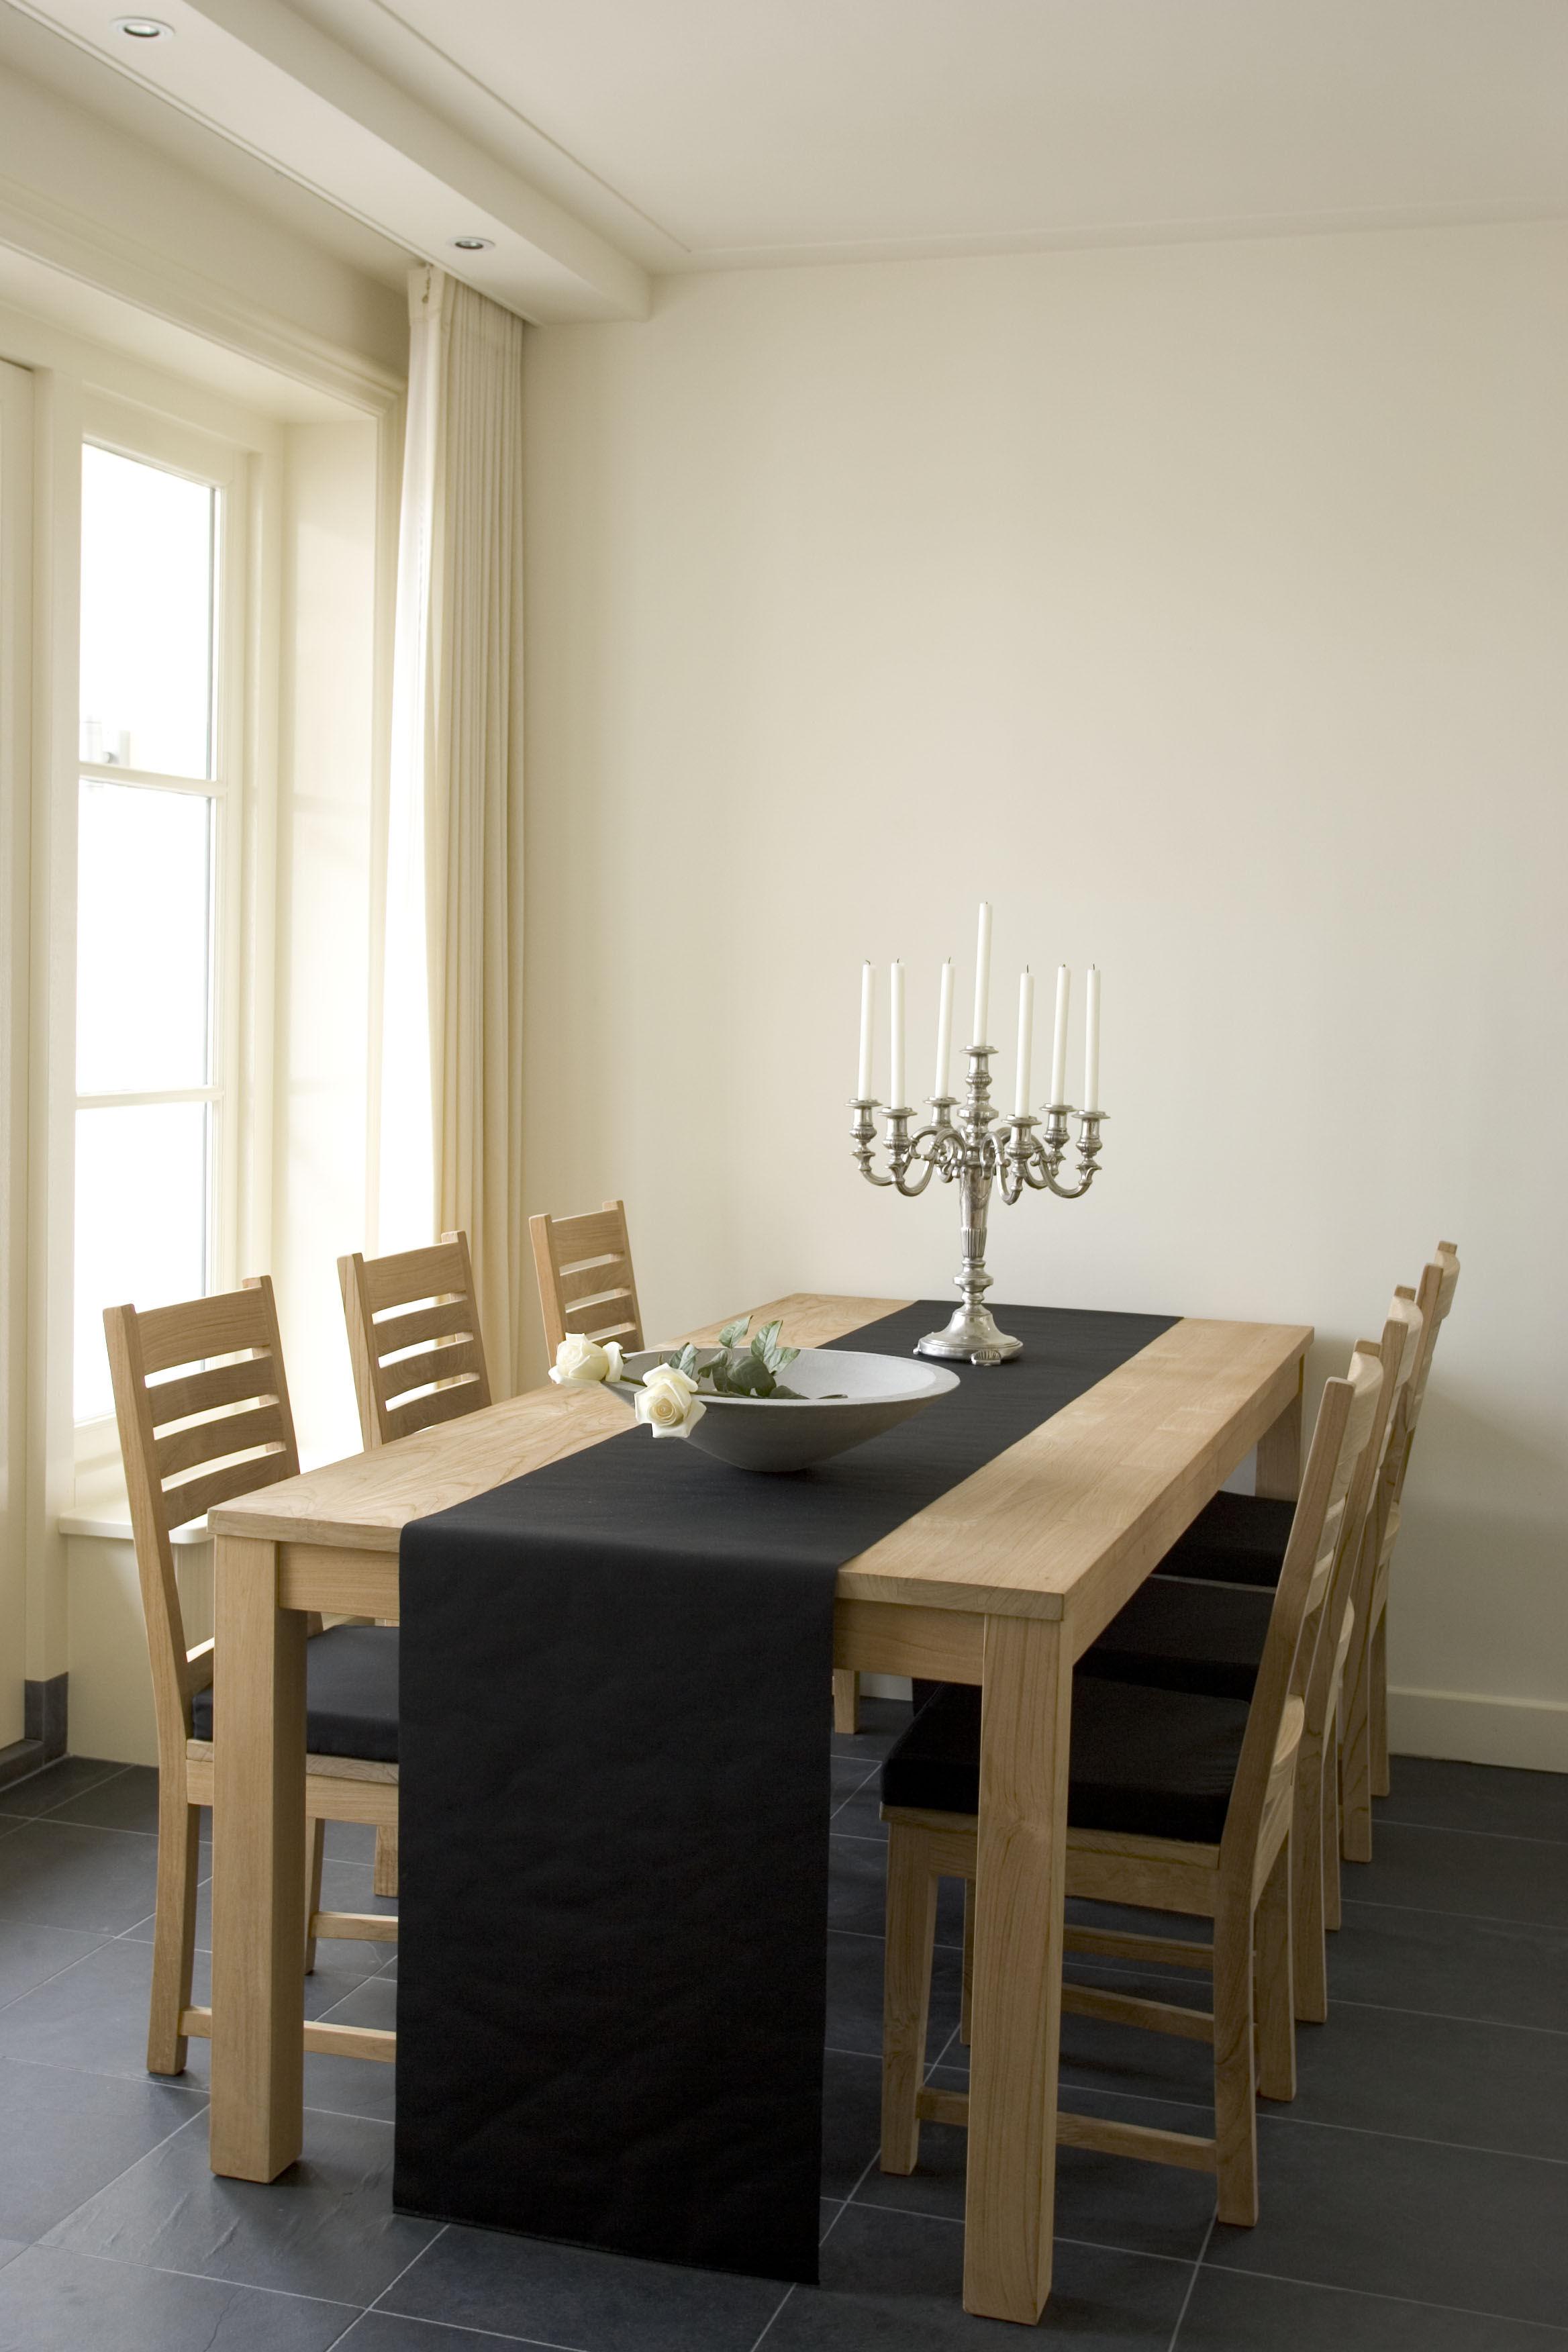 Teak eetkamerstoelen | Dining Chair - Annapart 1